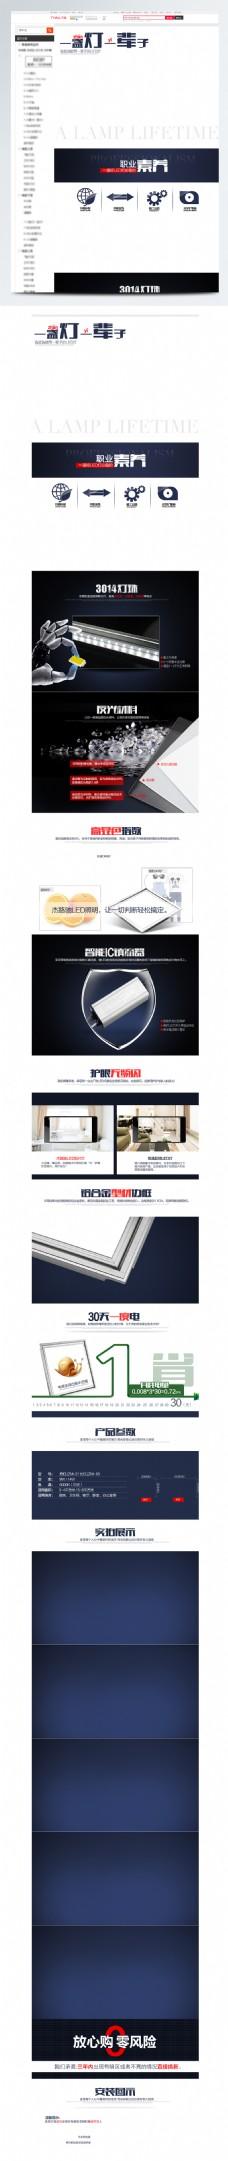 电商淘宝天猫电器LED灯饰详情页模版设计